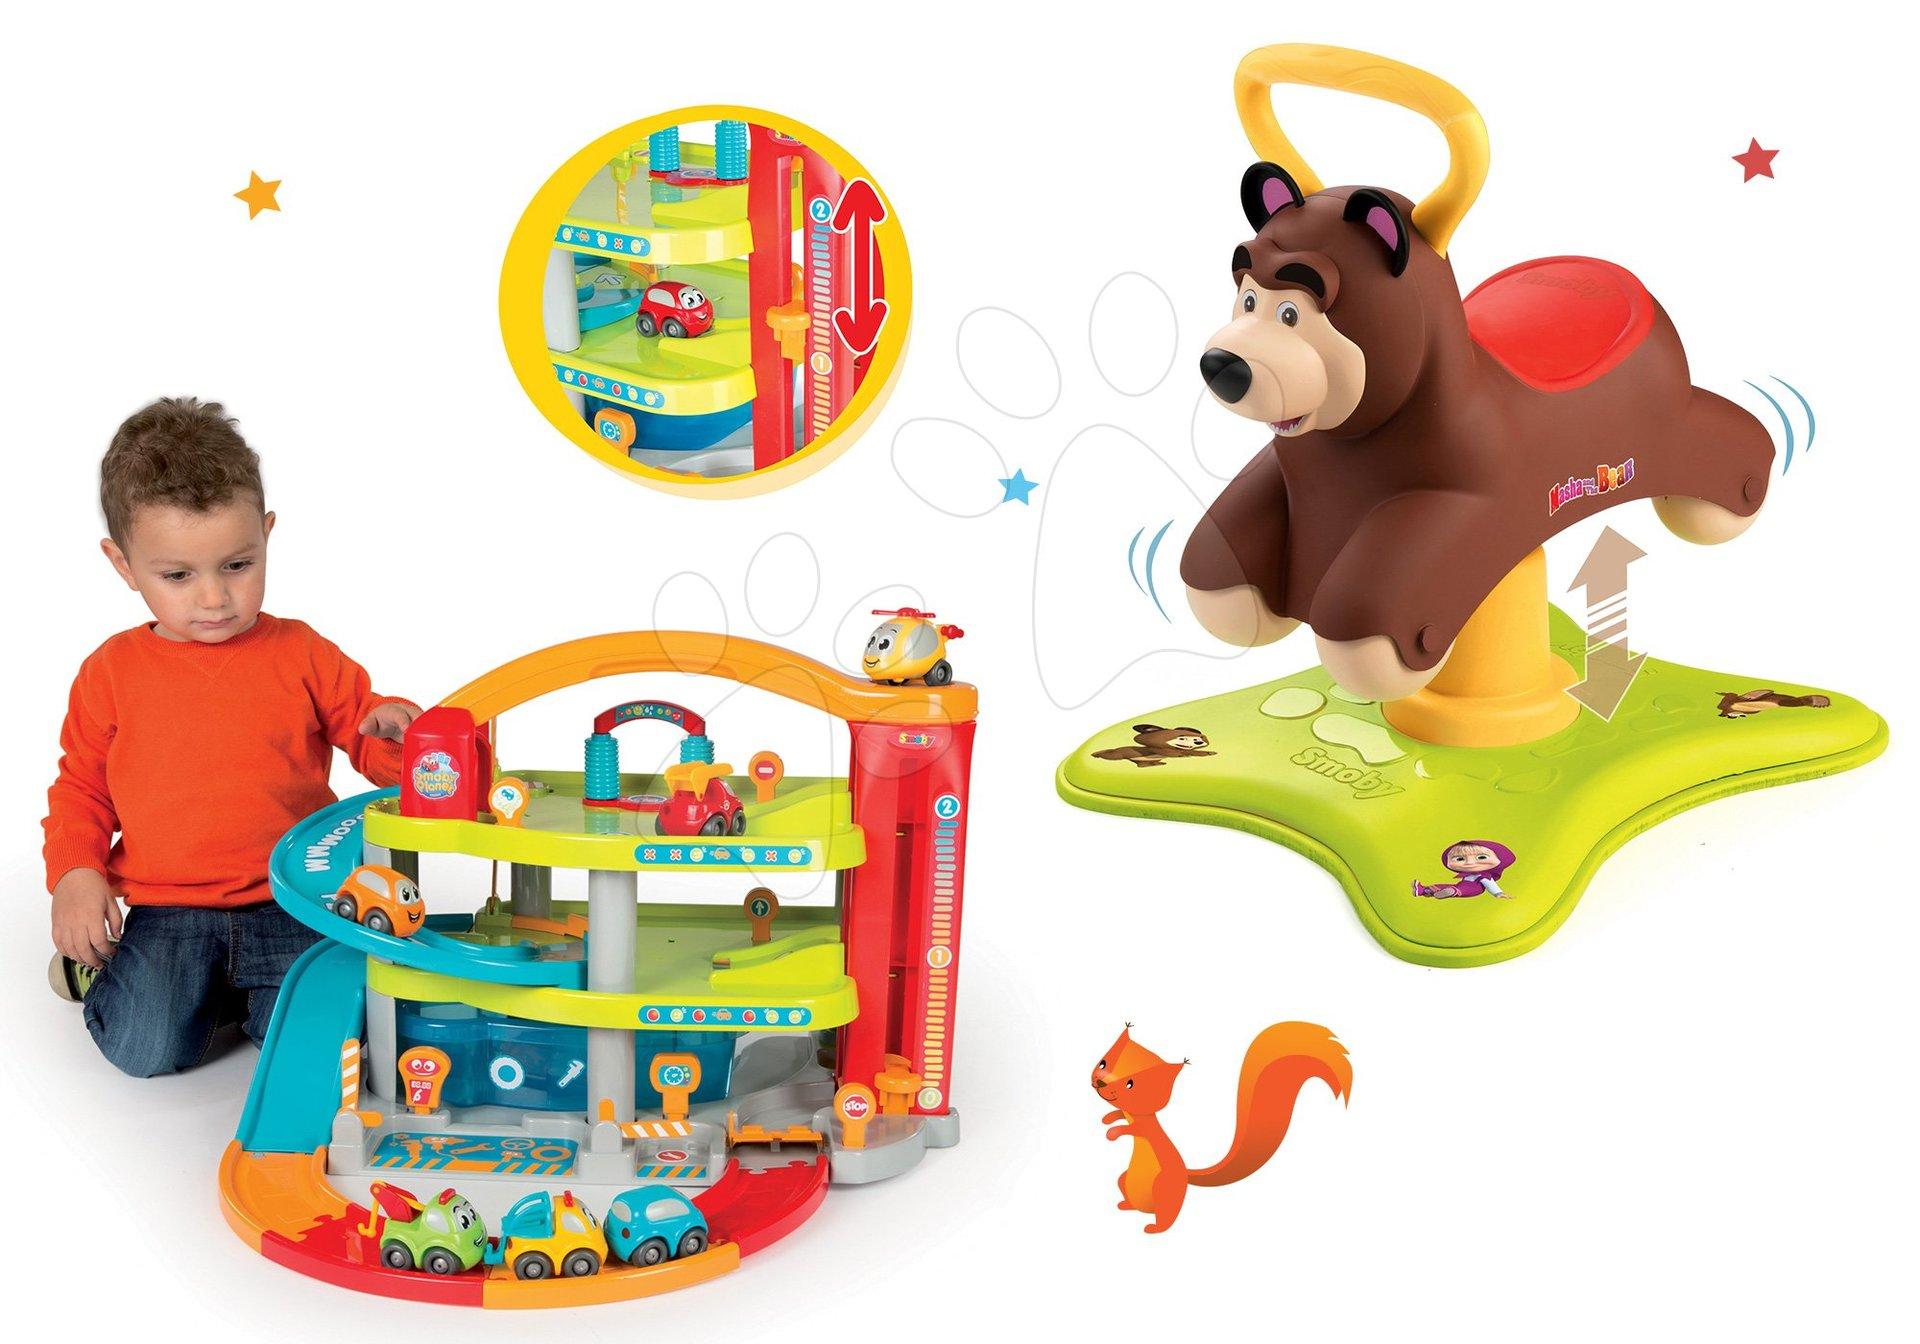 Set odrážadlo Medveď 2v1 Smoby skákajúci a točiaci sa a garáž Vroom Planet Grand od 12 mes